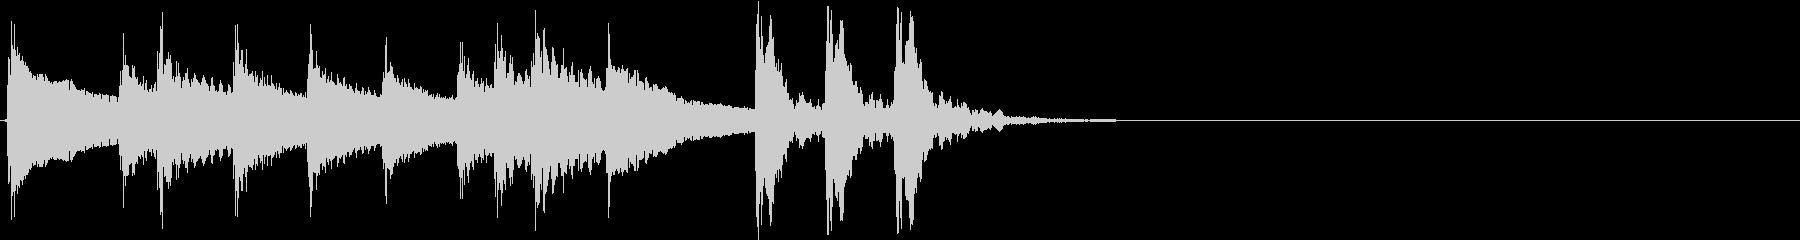 2,和風サウンドロゴ (3秒ロゴ)の未再生の波形